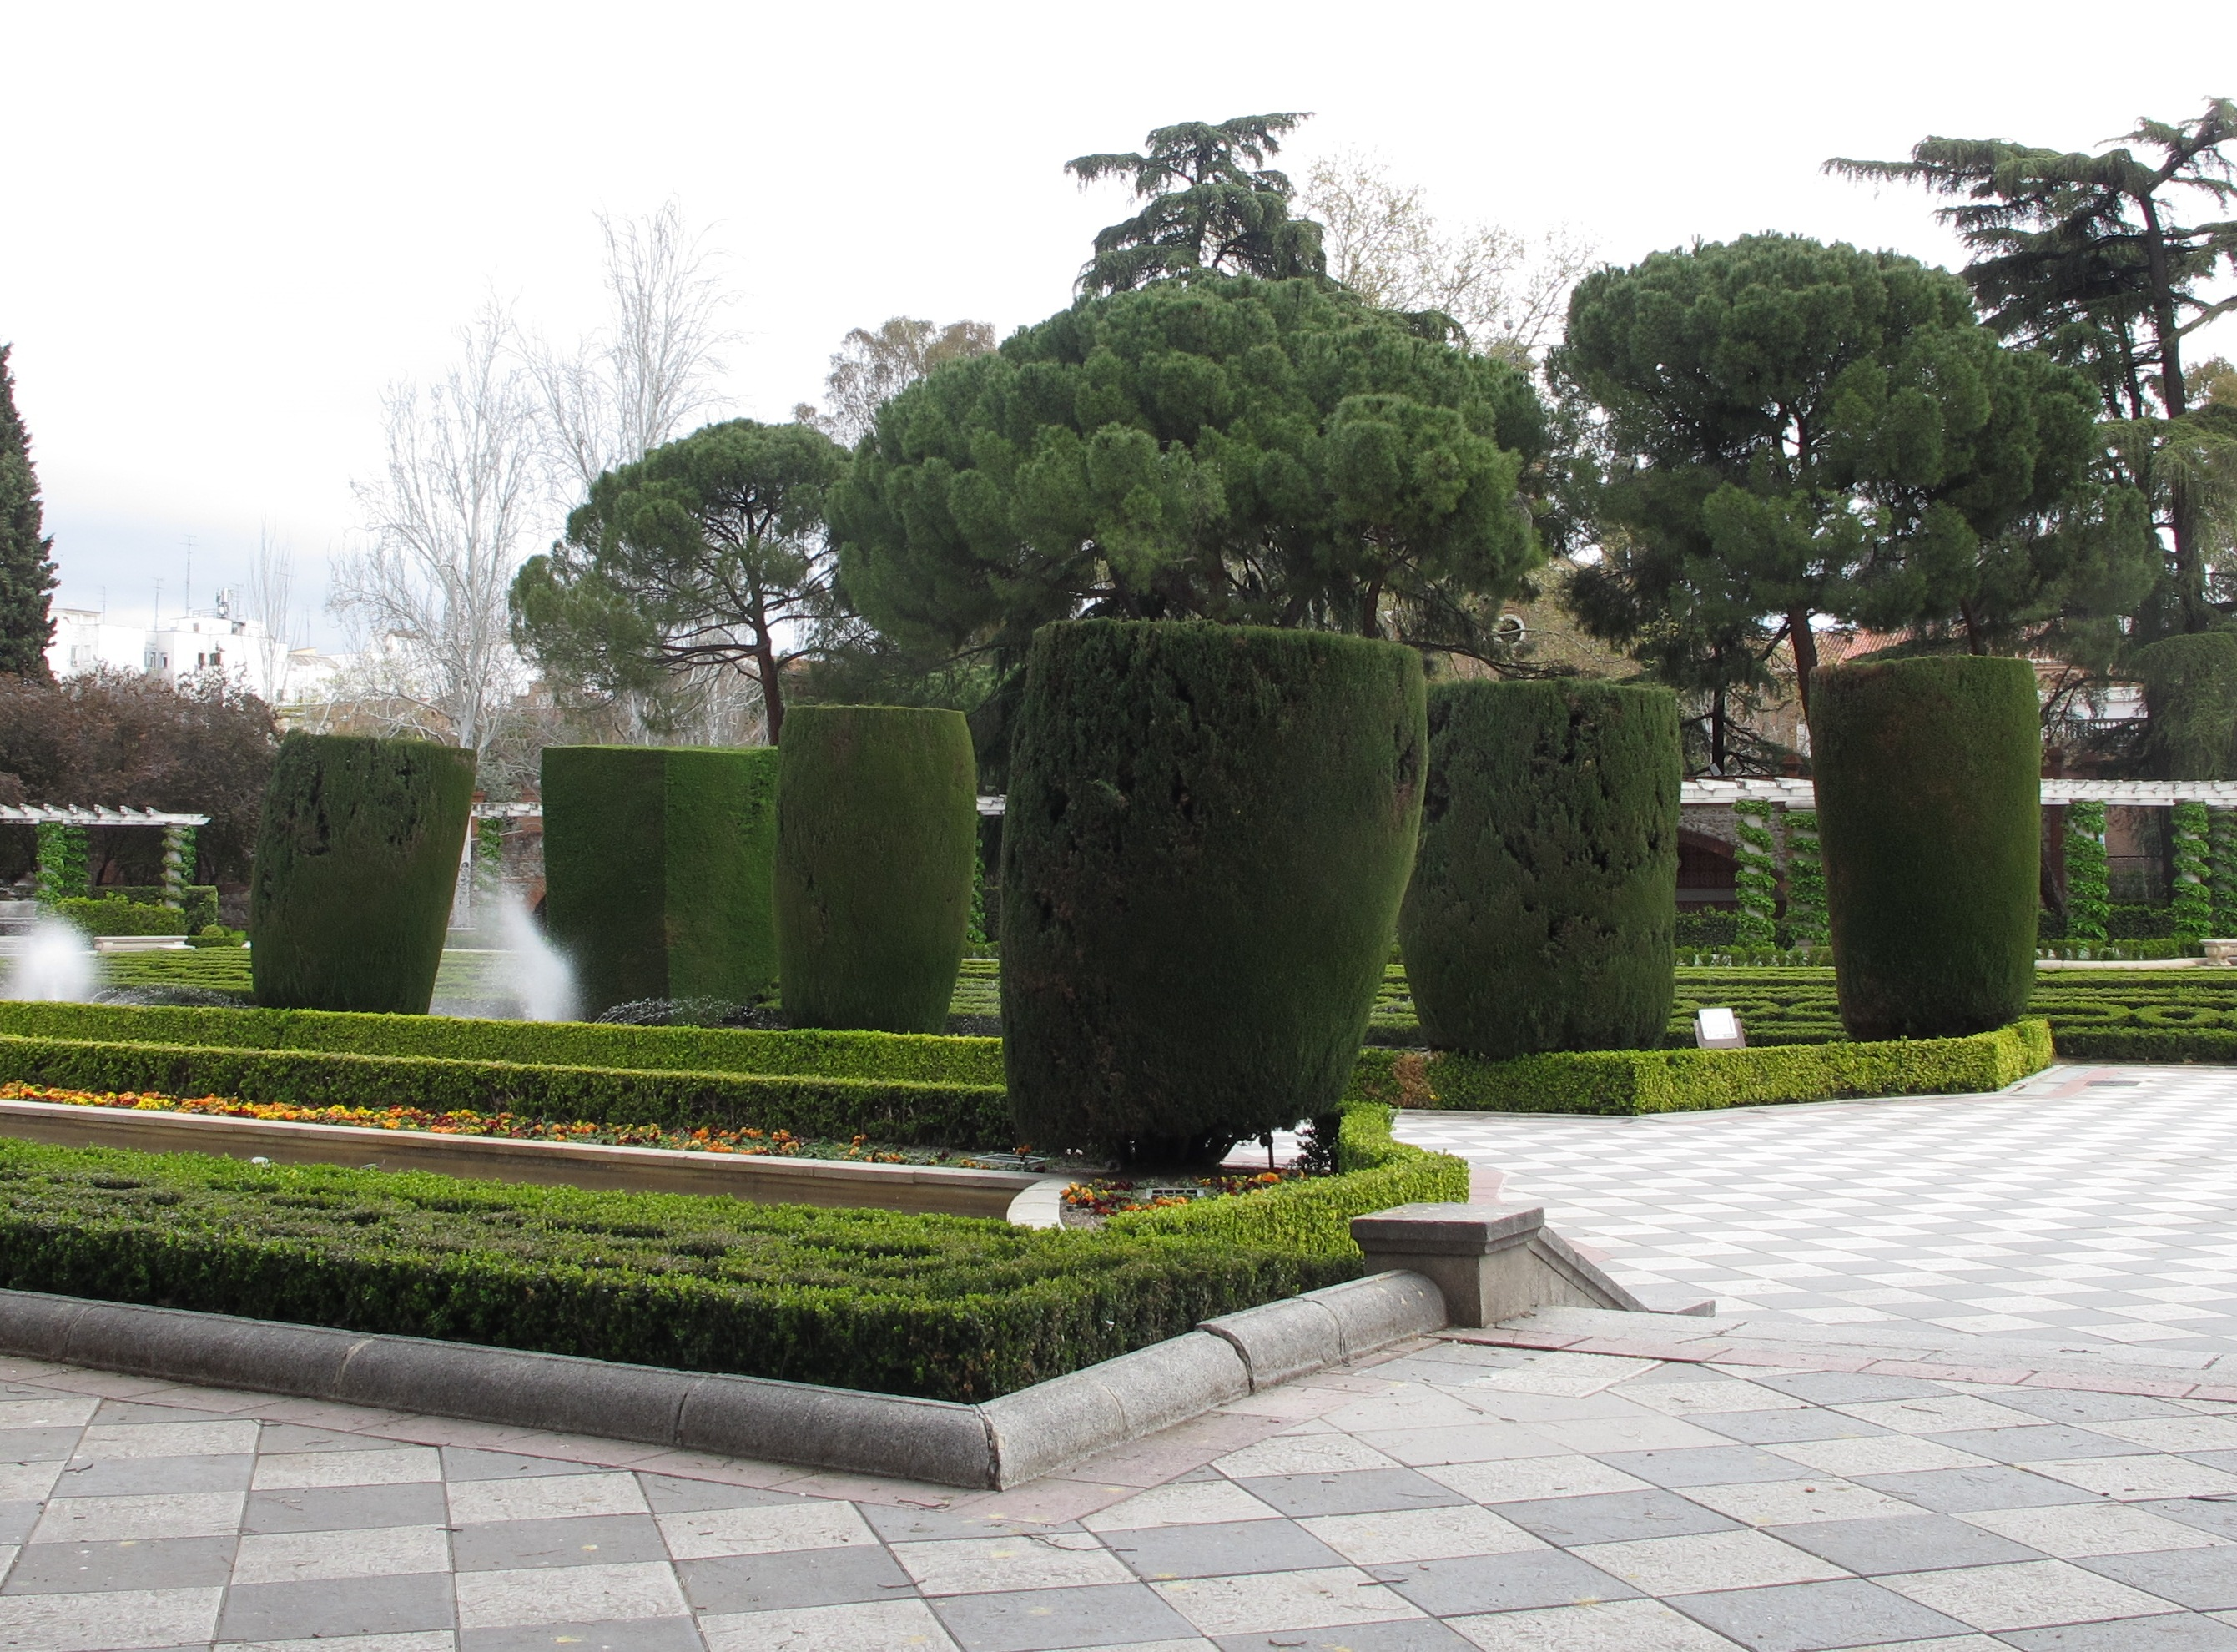 Parque del retiro arbolesdemadrid for Calle el jardin